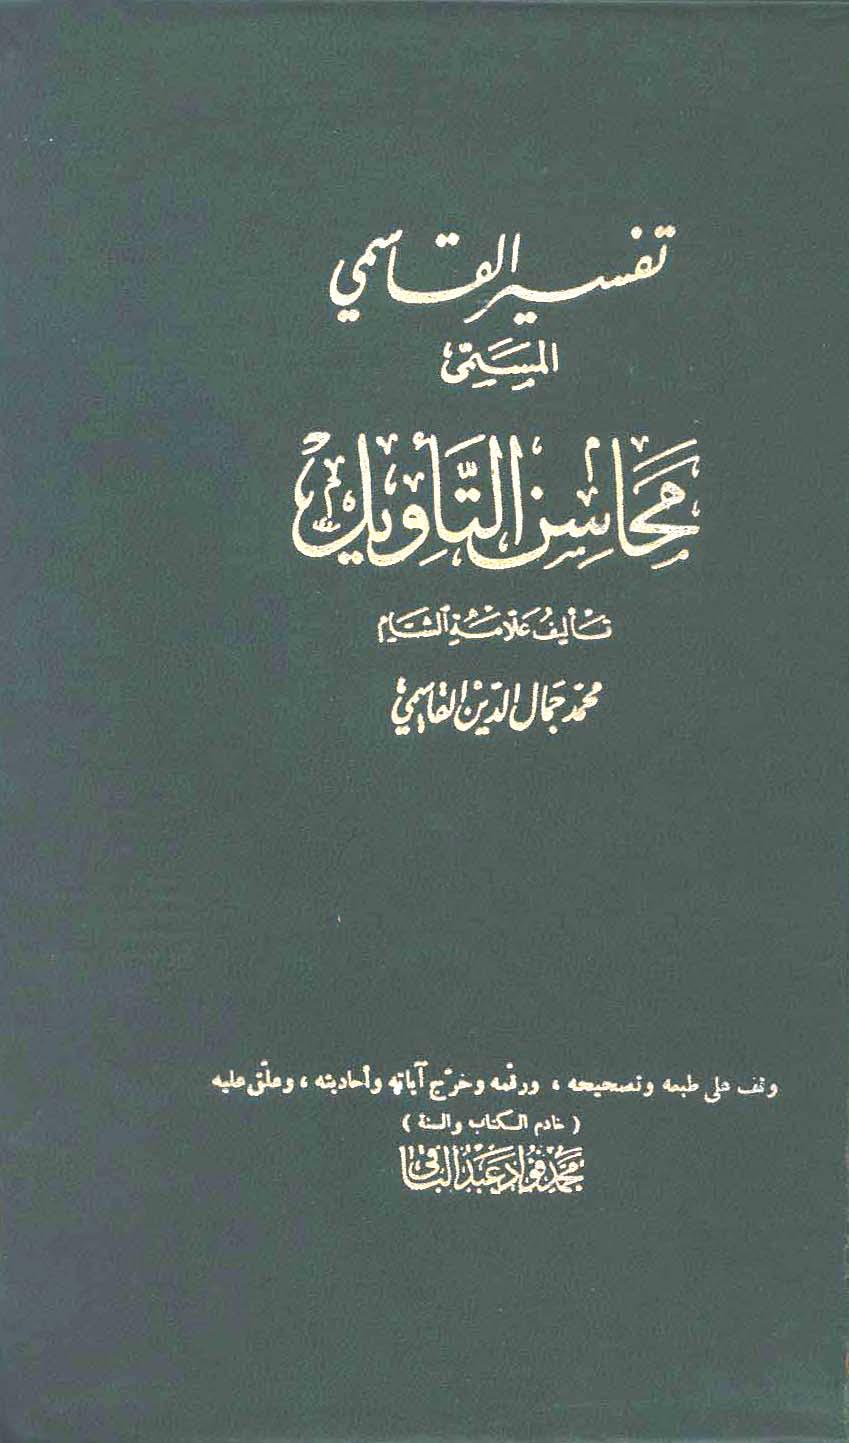 تحميل كتاب تفسير القاسمي (محاسن التأويل) للمؤلف: الشيخ محمد جمال الدين القاسمي (ت 1332)